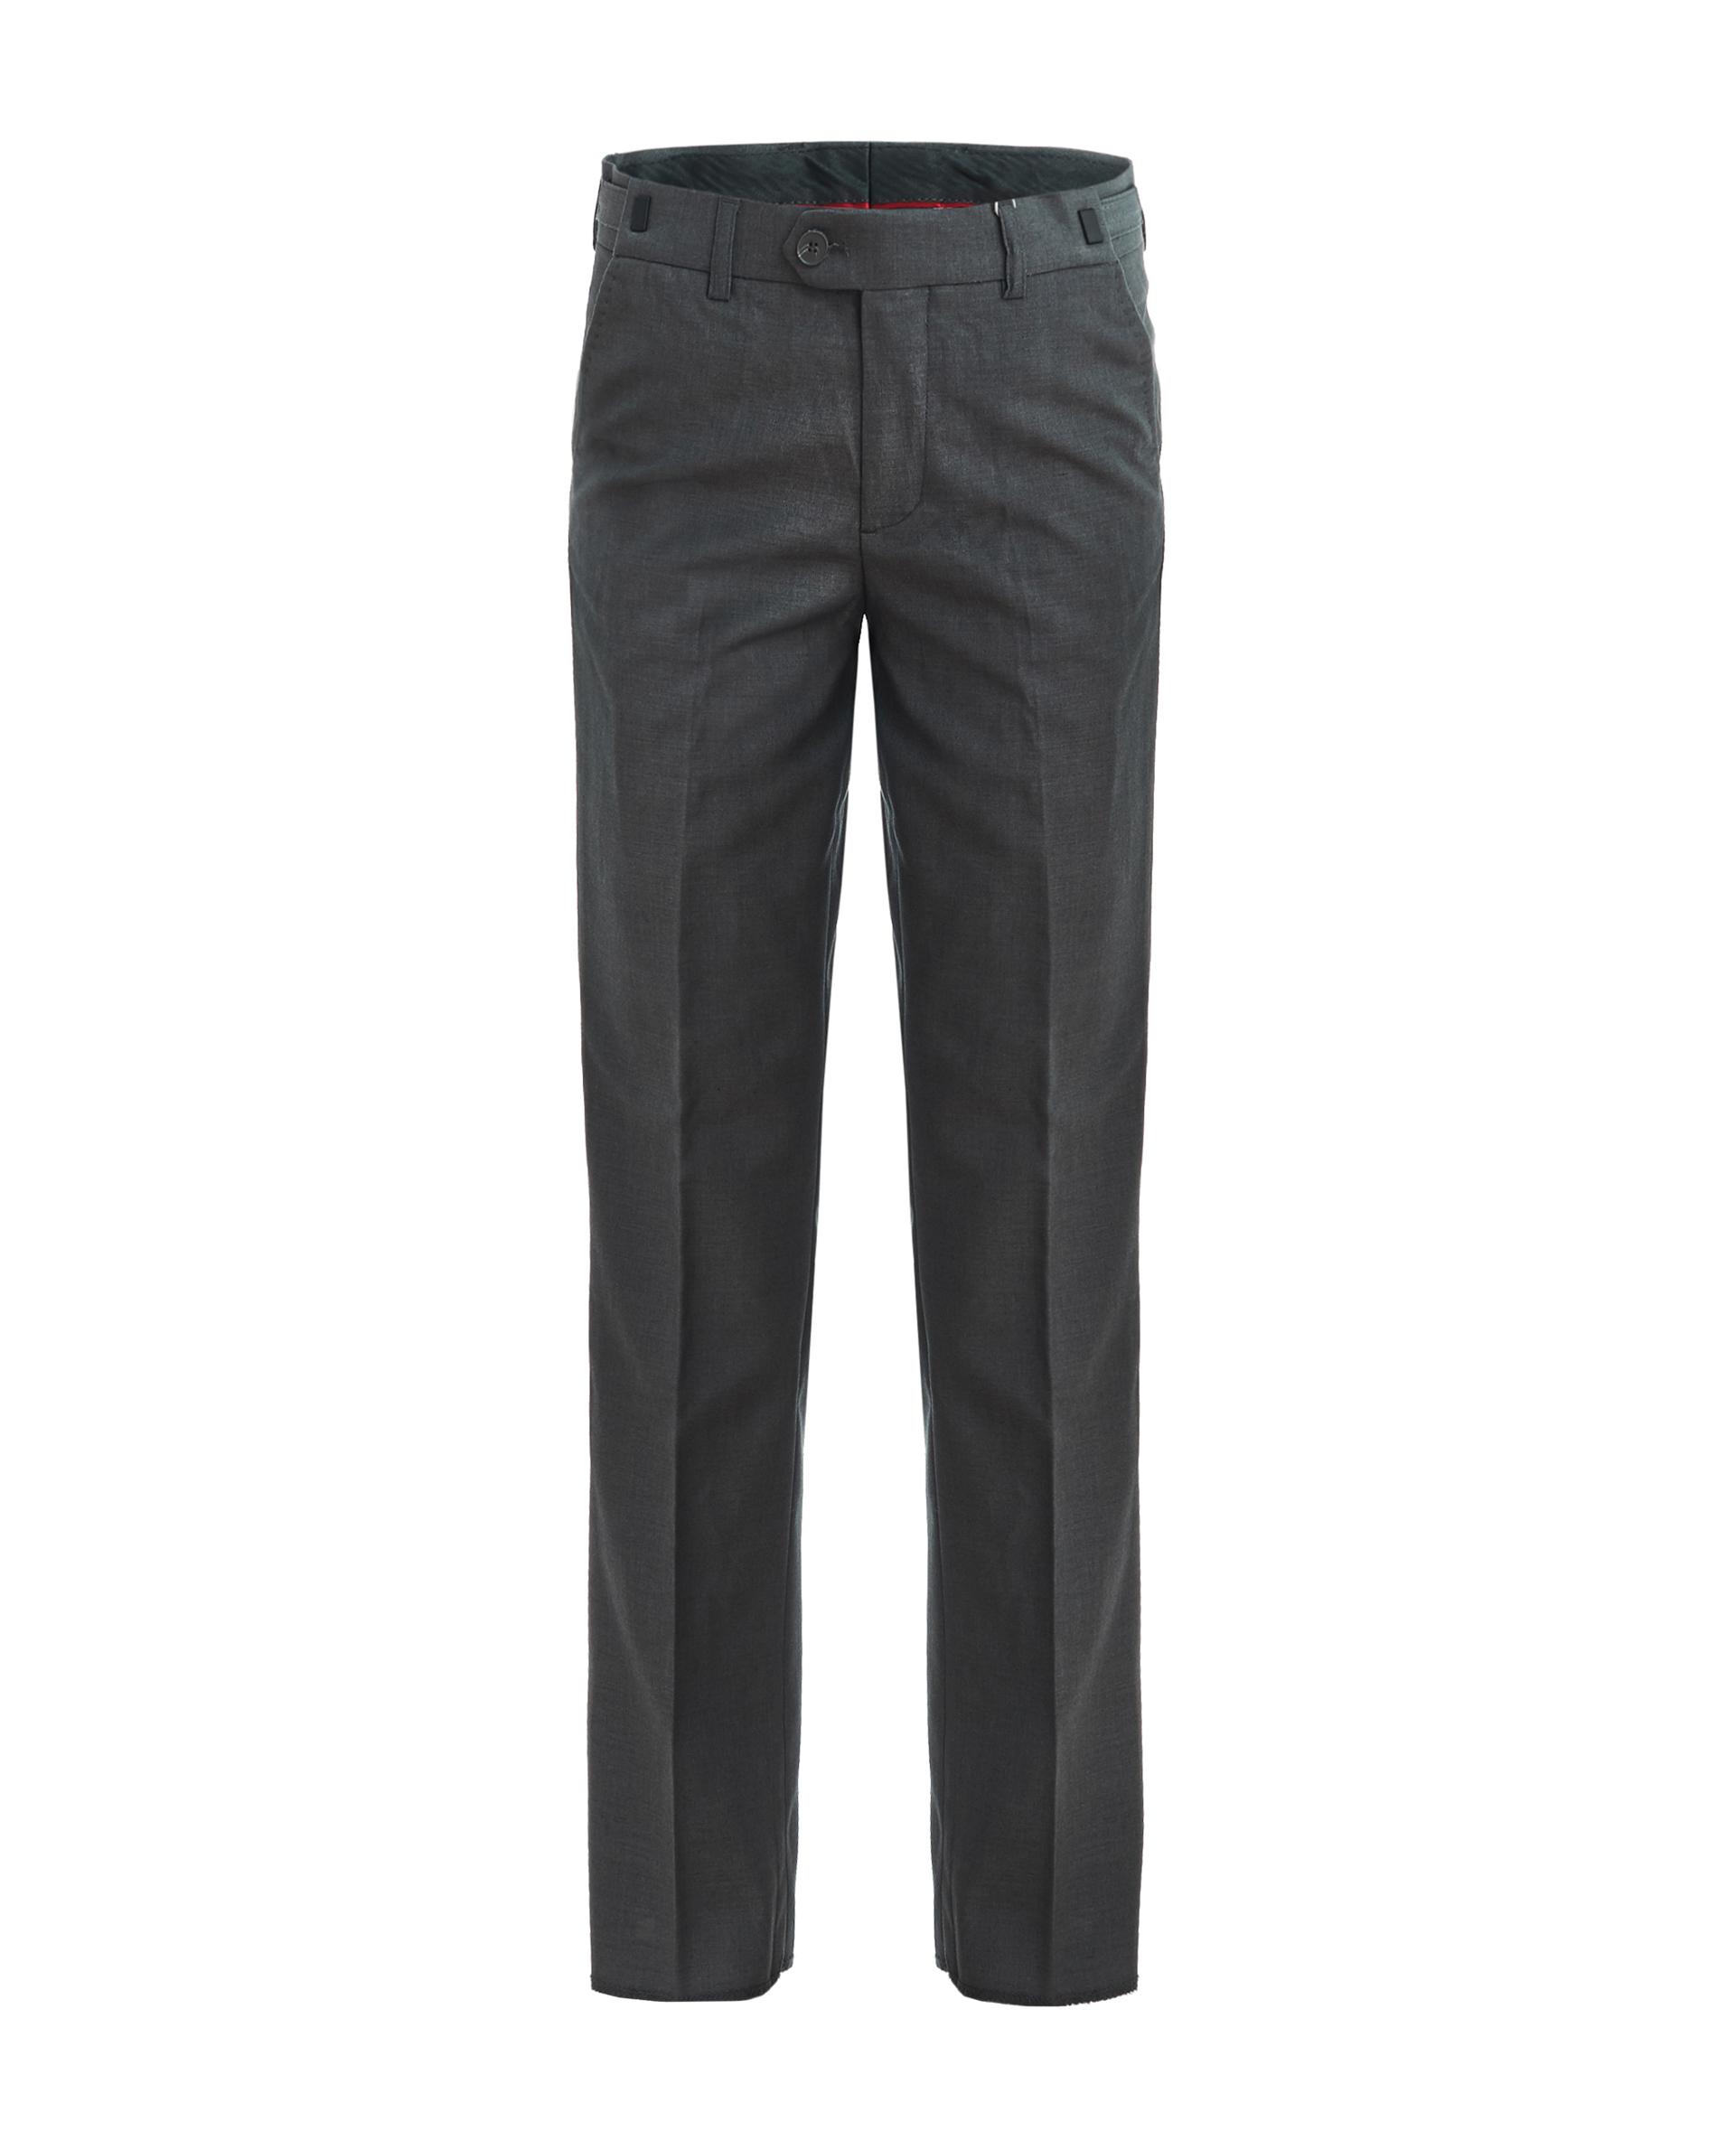 Купить 219GSBC6303, Серые брюки Gulliver, серый, 158, Мужской, ШКОЛЬНАЯ ФОРМА 2019-2020 (shop: GulliverMarket Gulliver Market)